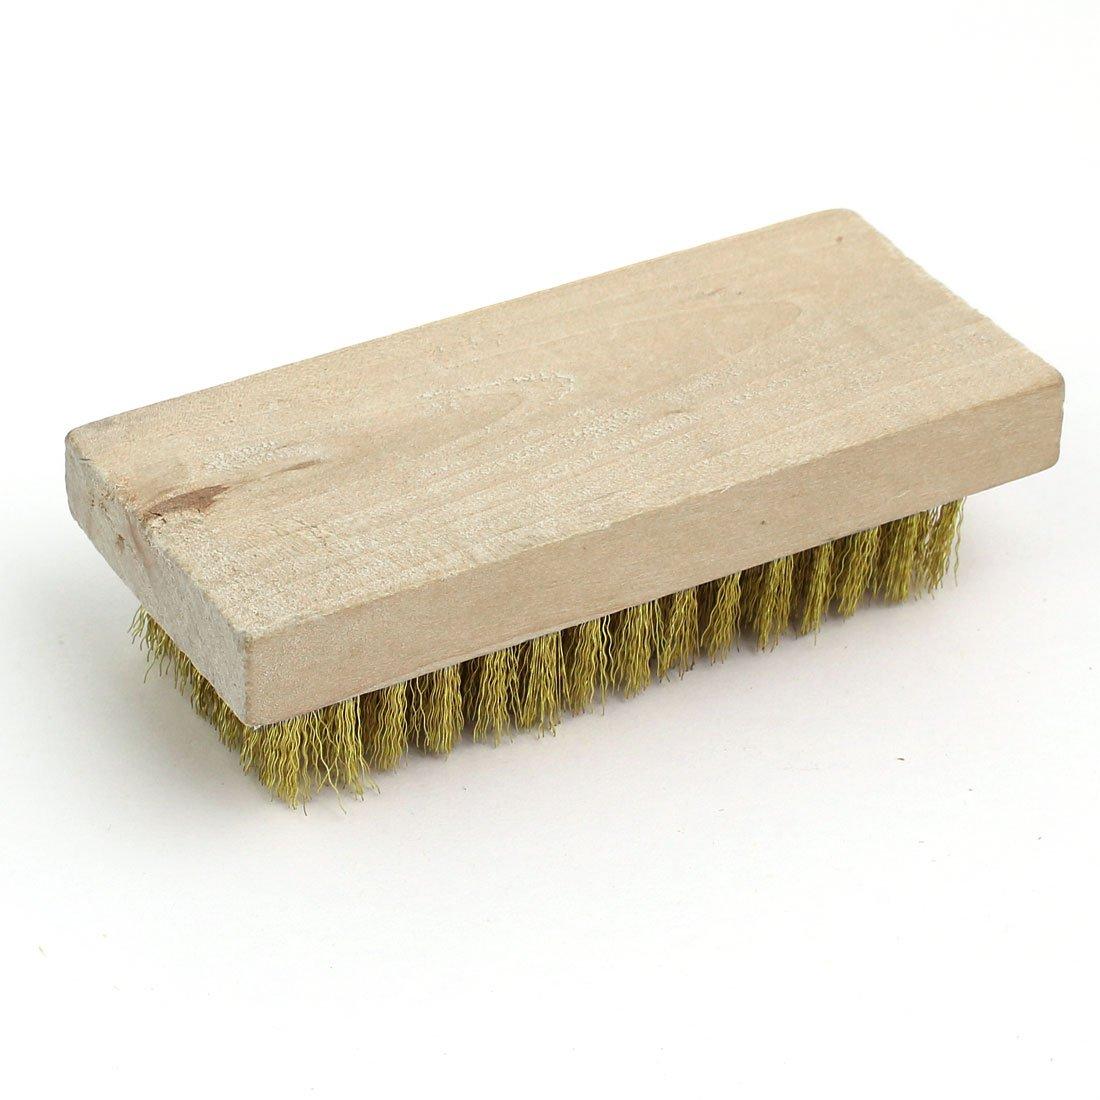 sourcingmap Holzbasis Messing Drahtb/ürste Reinigungswerkzeug f/ür Anilox Rolle Reinigung DE de